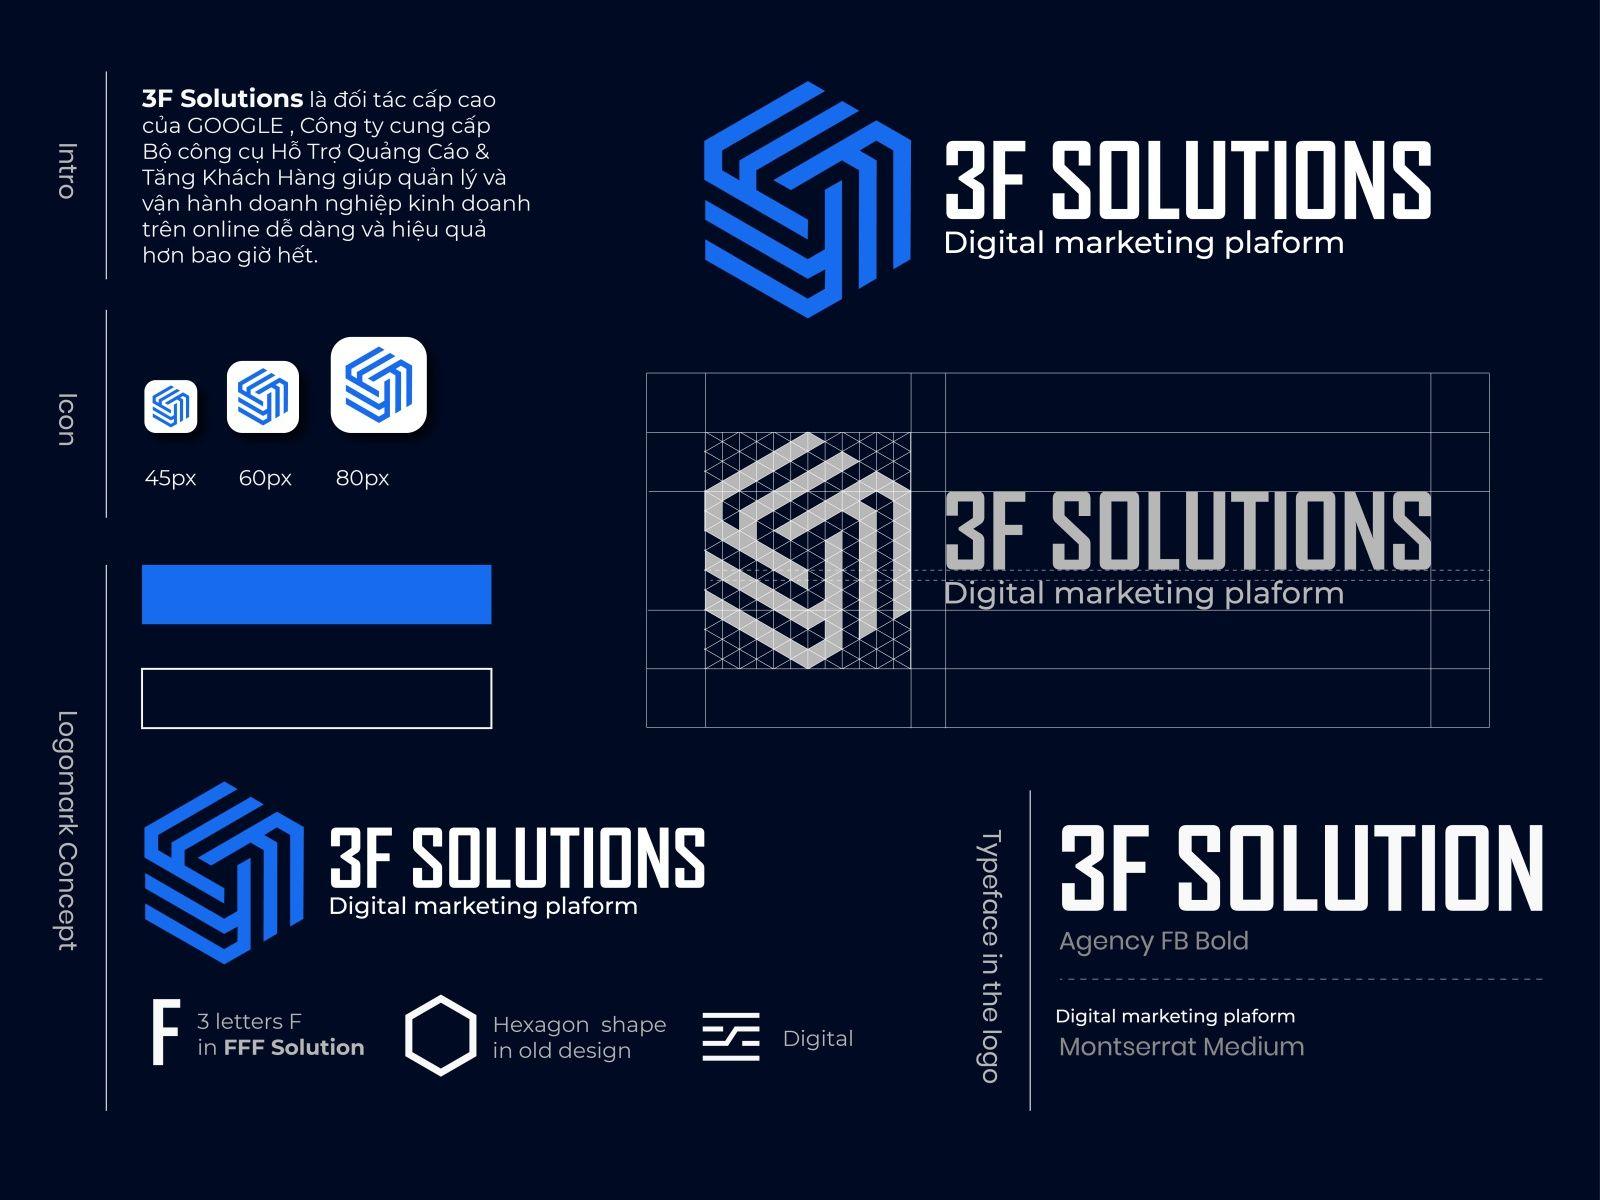 3f Solutions Digital Marketing Platform Digital Marketing Marketing Digital